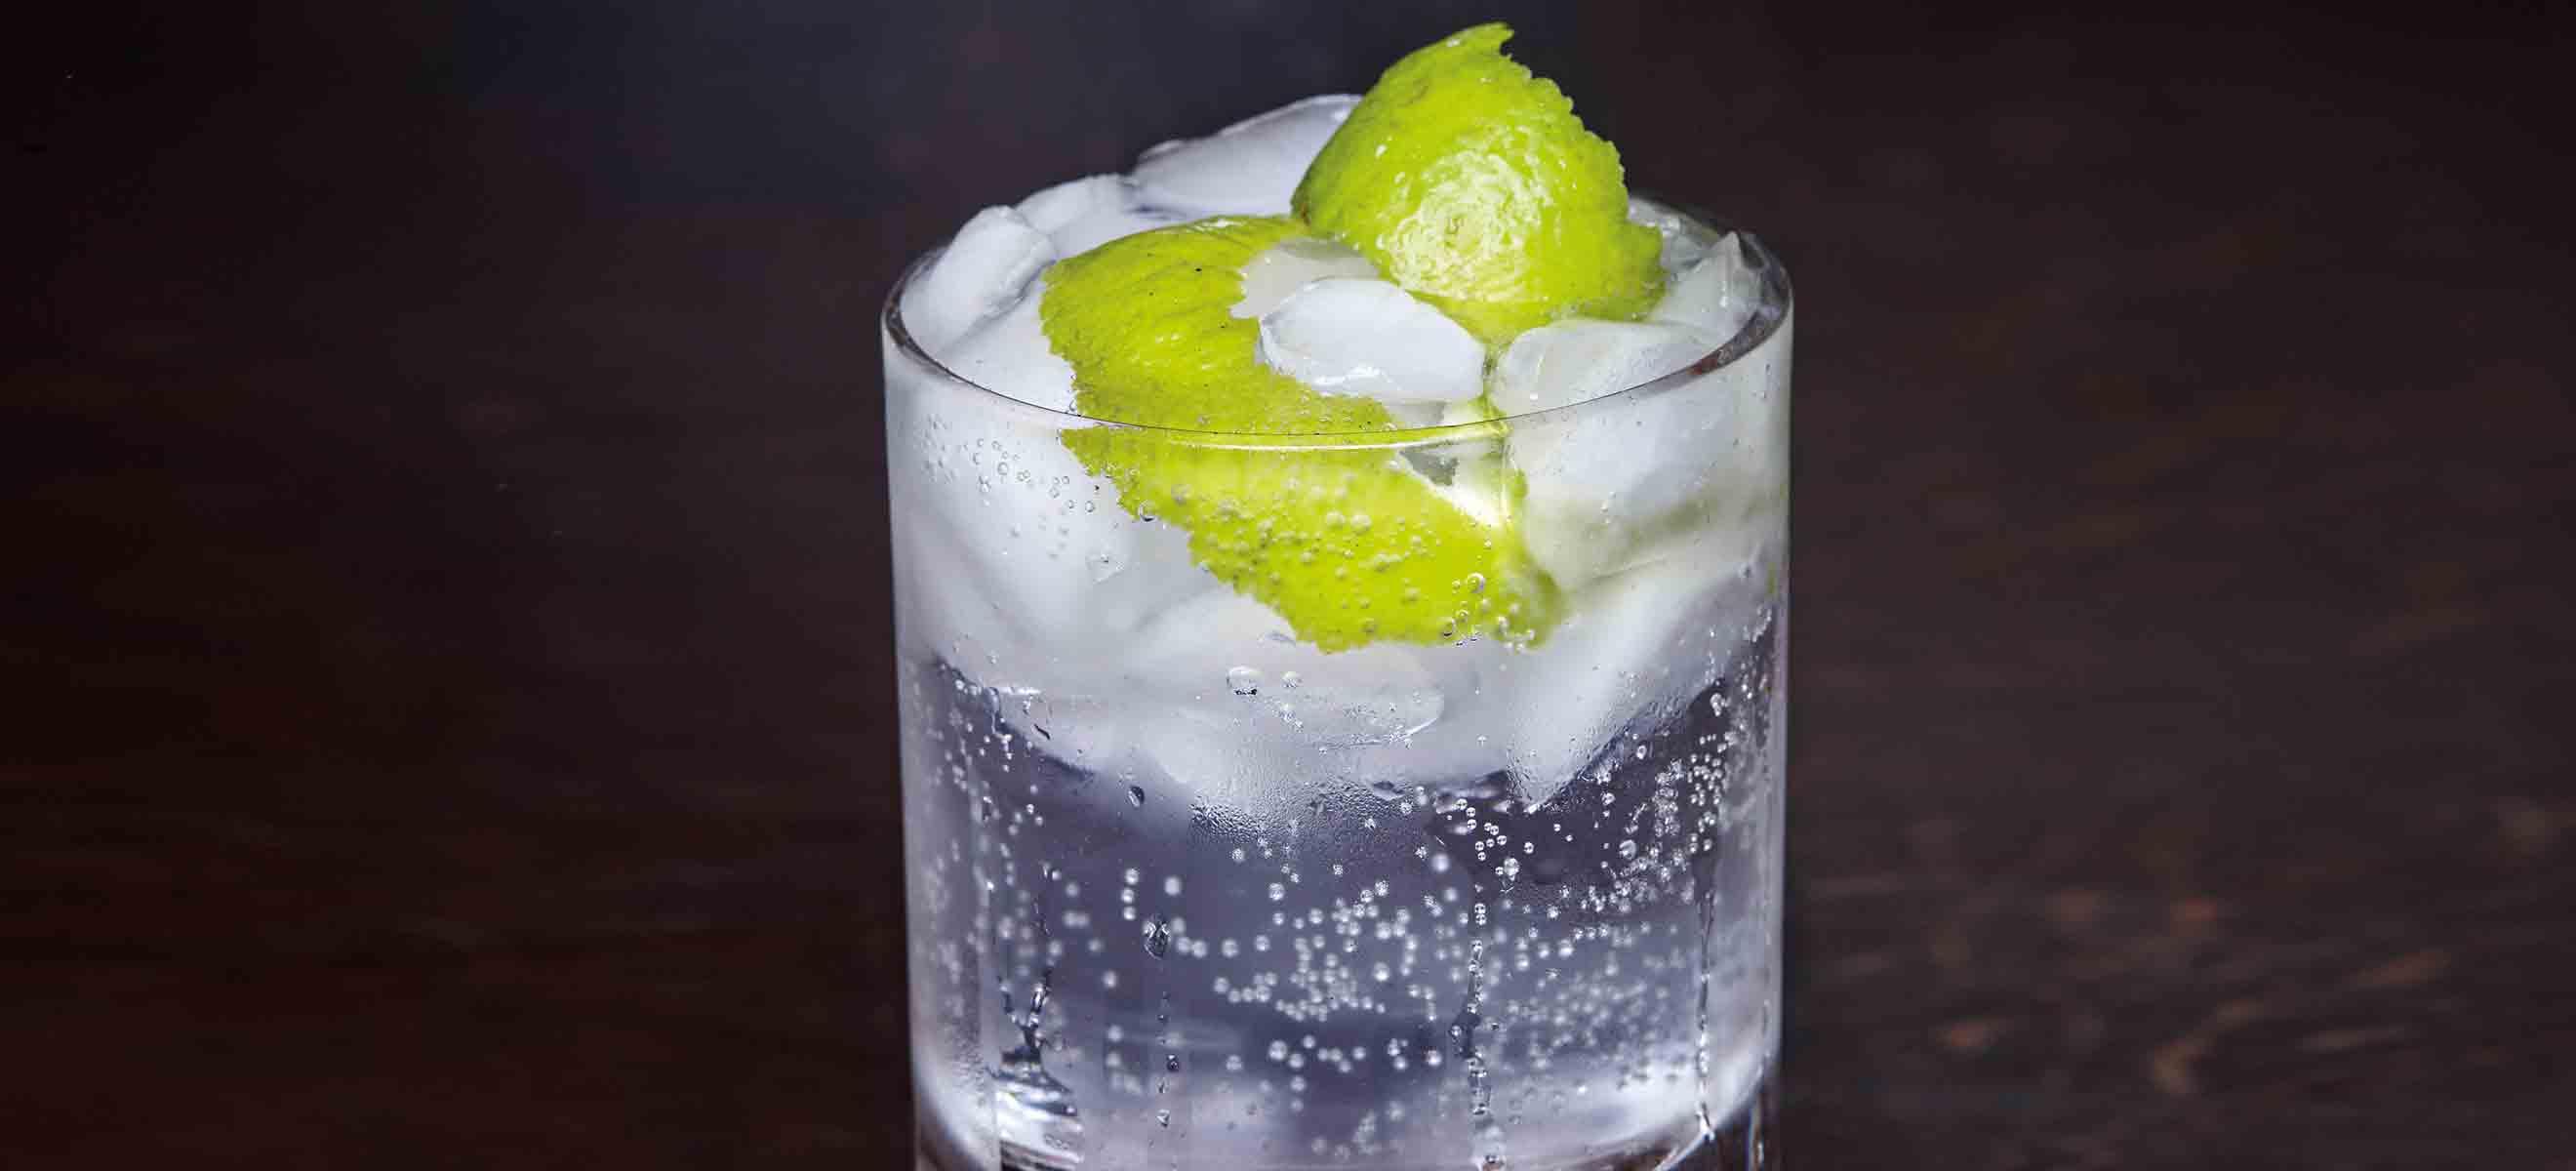 Produkttest Tonic: Das beste Tonic zum Gin - Falstaff